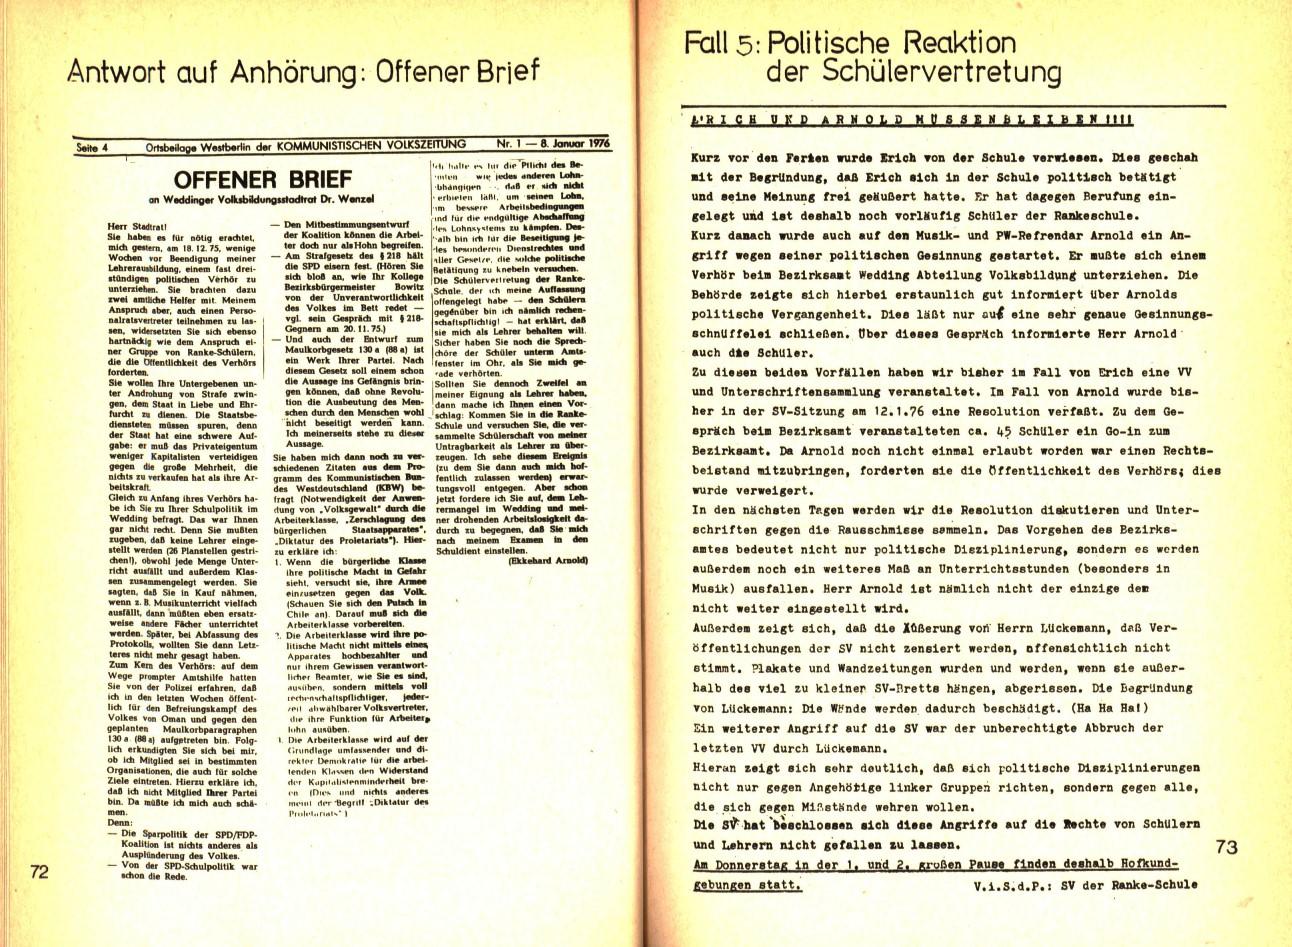 Berlin_VDS_Aktionskomitee_1976_BerufsverboteIII_38